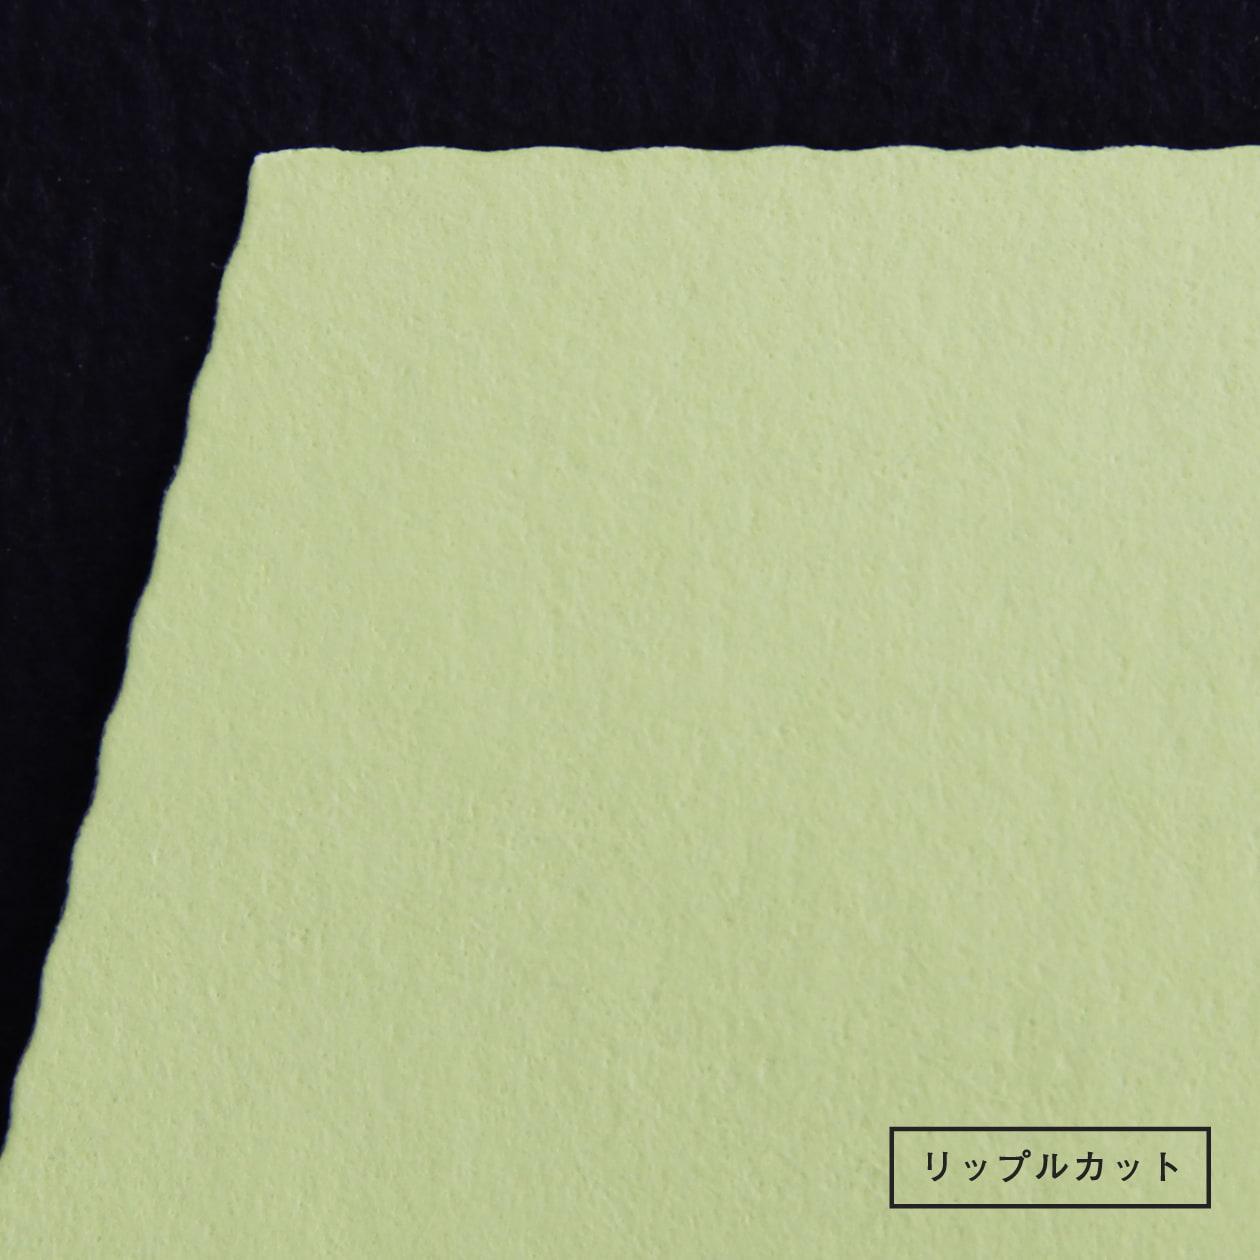 角2封筒 エコフレンドリーカラー リーフグリーン 100g